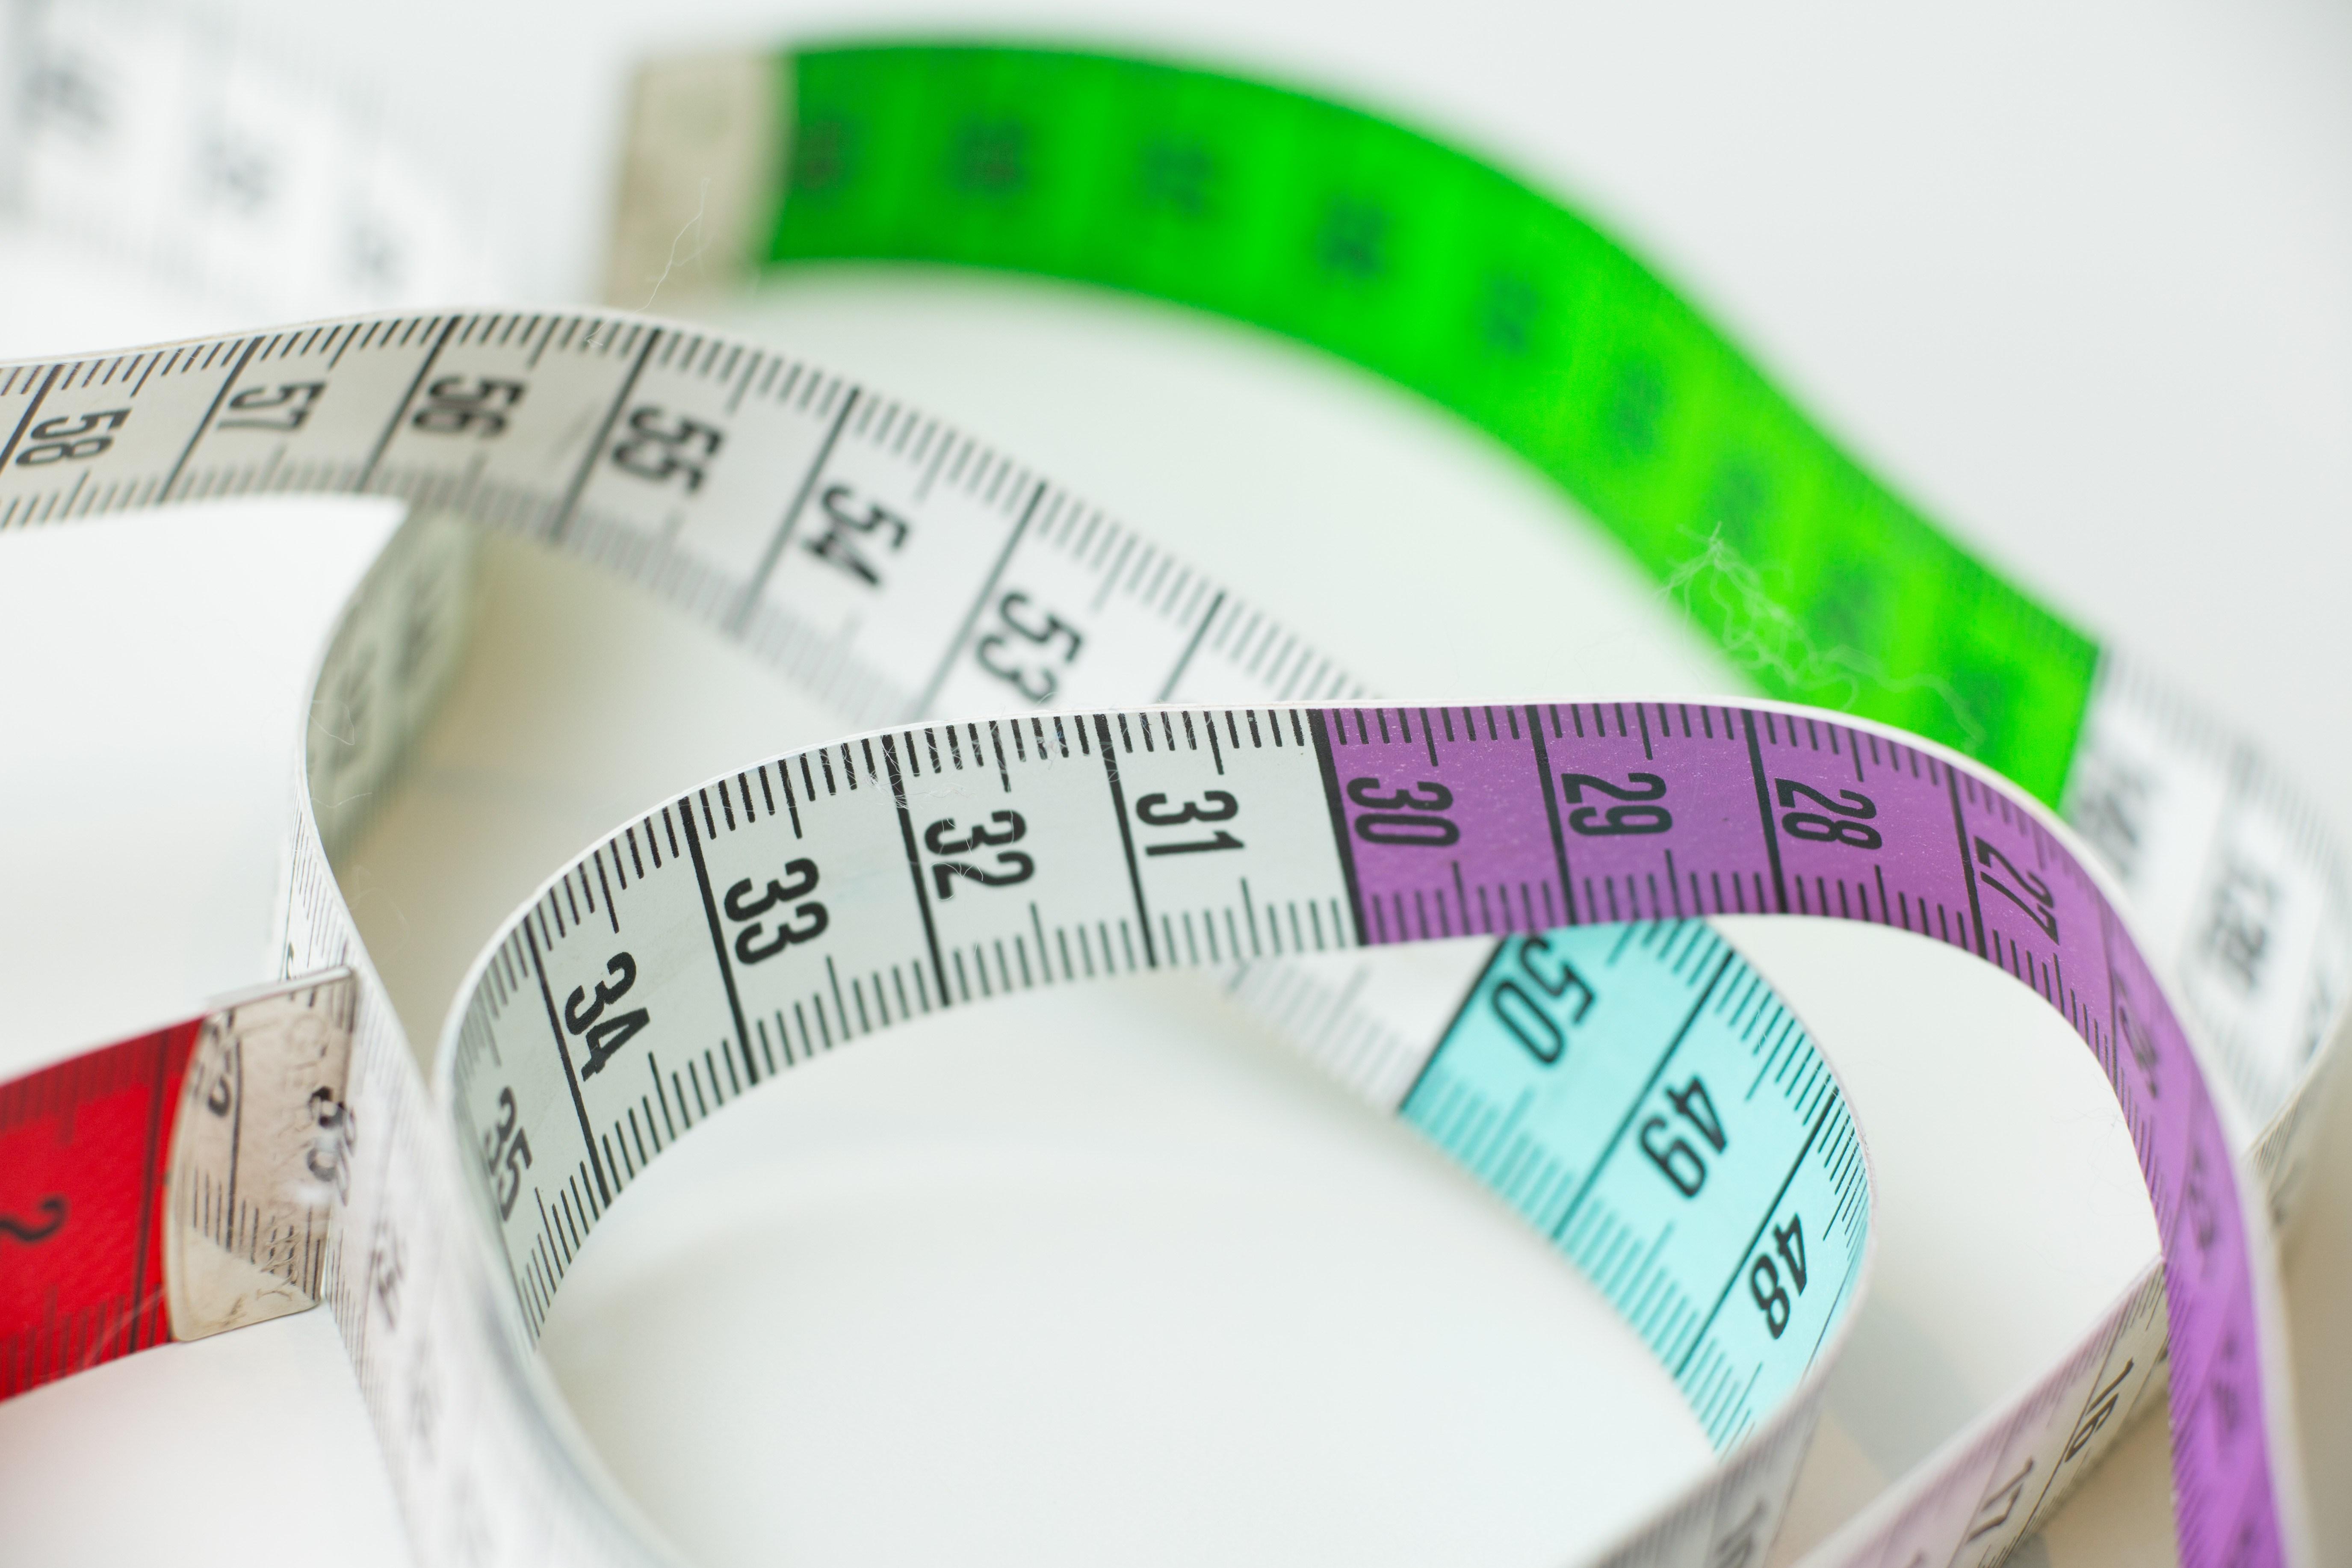 hogyan lehet megnövelni a pénisz átmérőjét